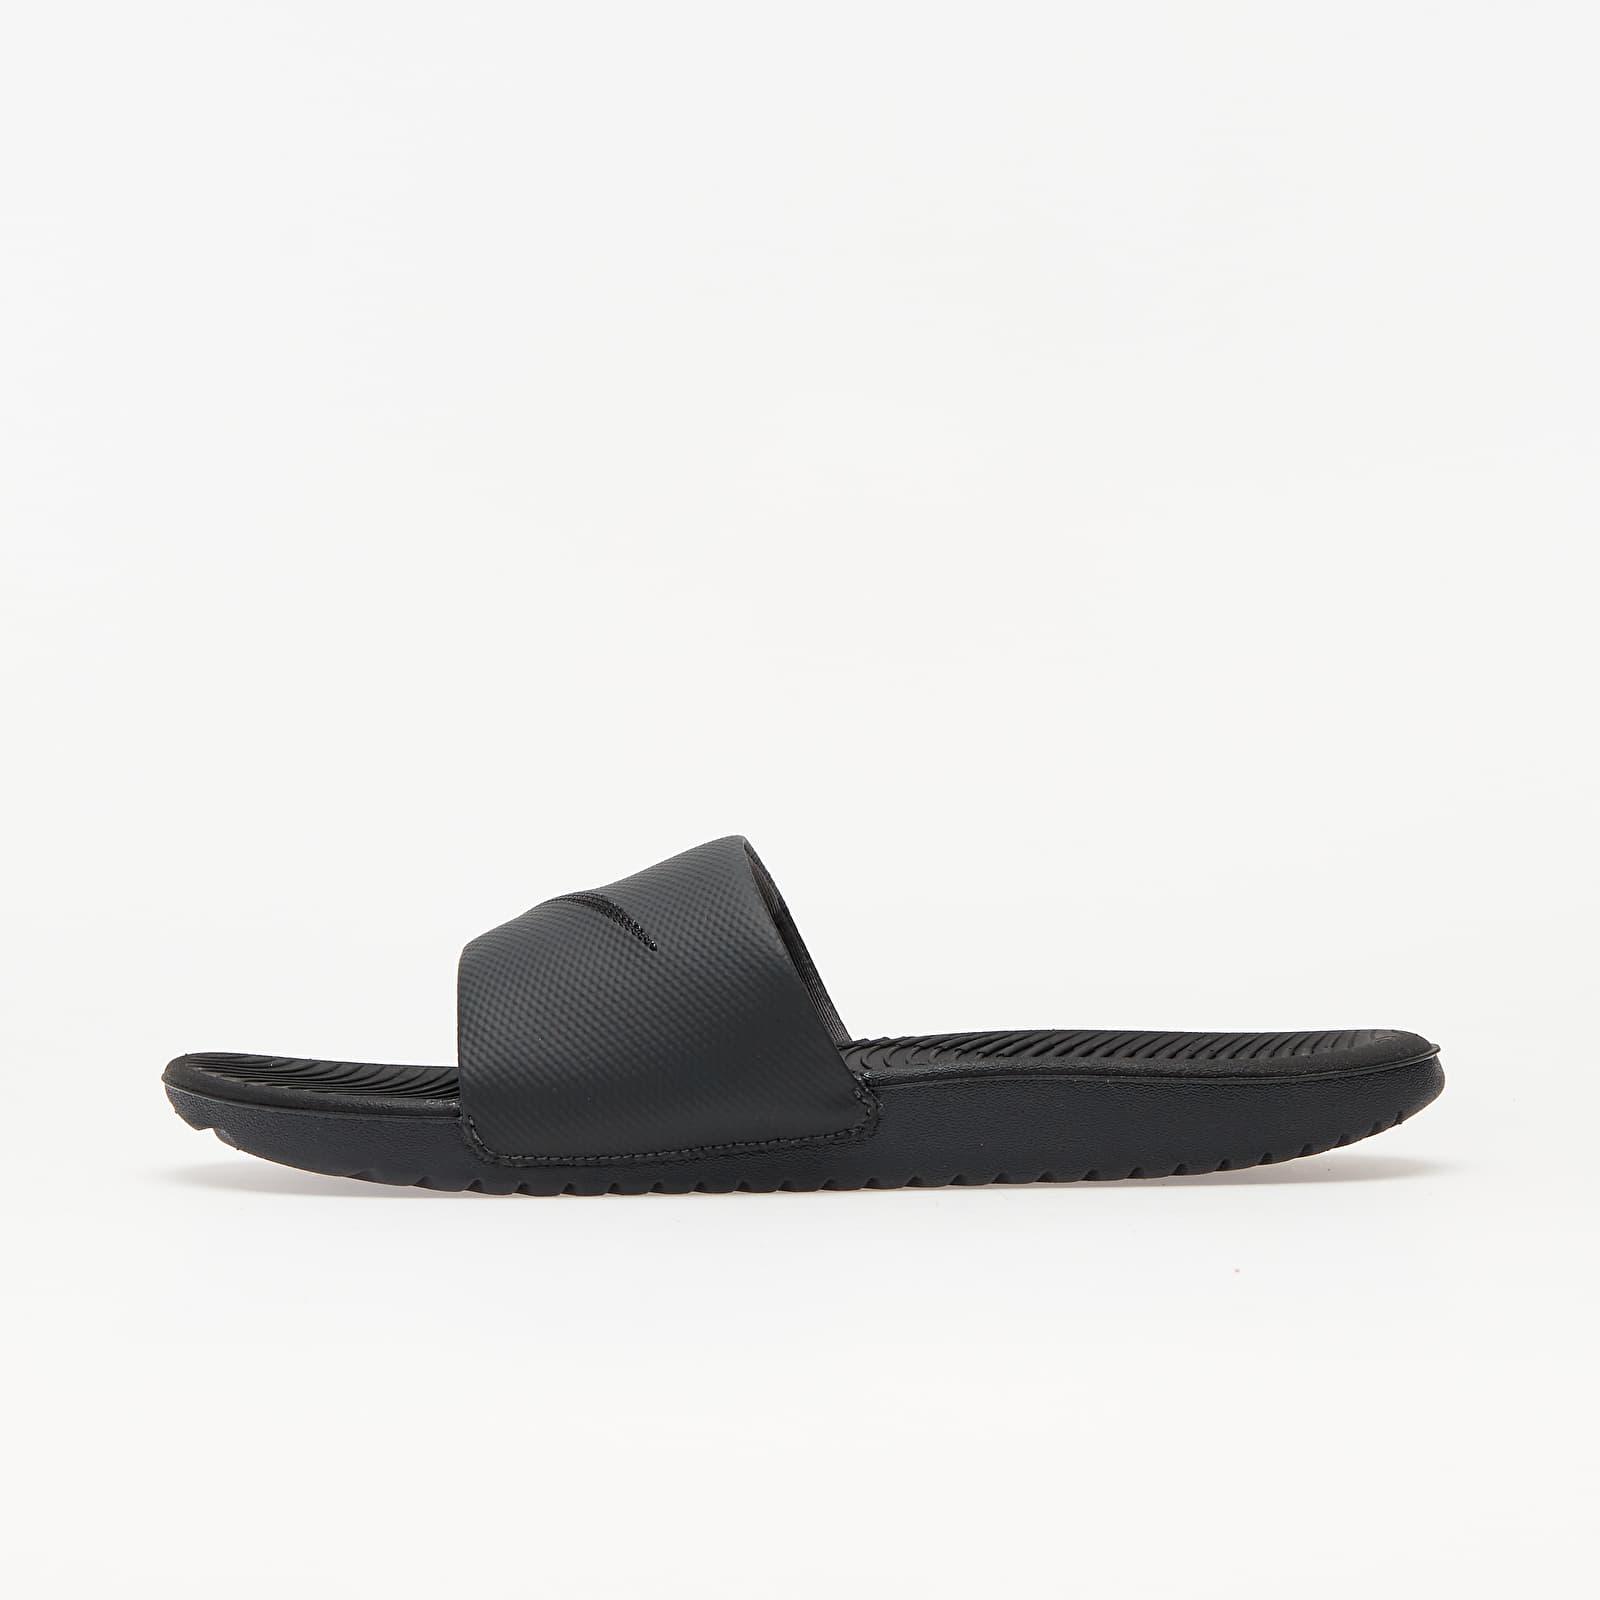 Încălțăminte și sneakerși pentru bărbați Nike Kawa Black/ Black-Anthracite